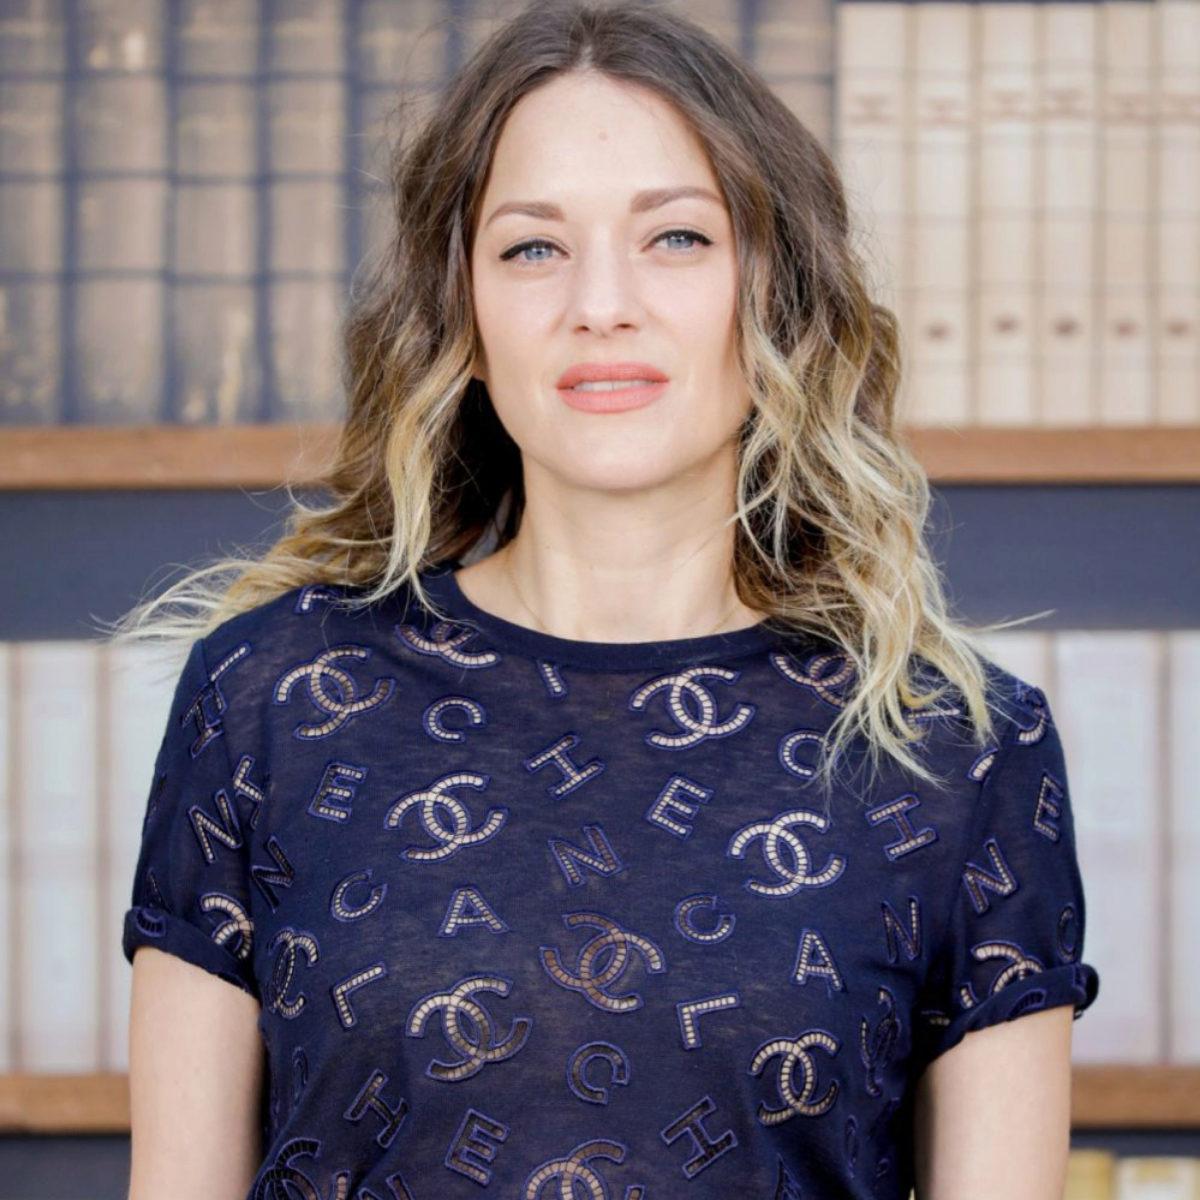 Marion Cotillard es el ejemplo perfecto de cómo quedan las mechas ombré o con efecto degradado sobre pieles pálidas con ojos azules, con un toque extra luminoso.